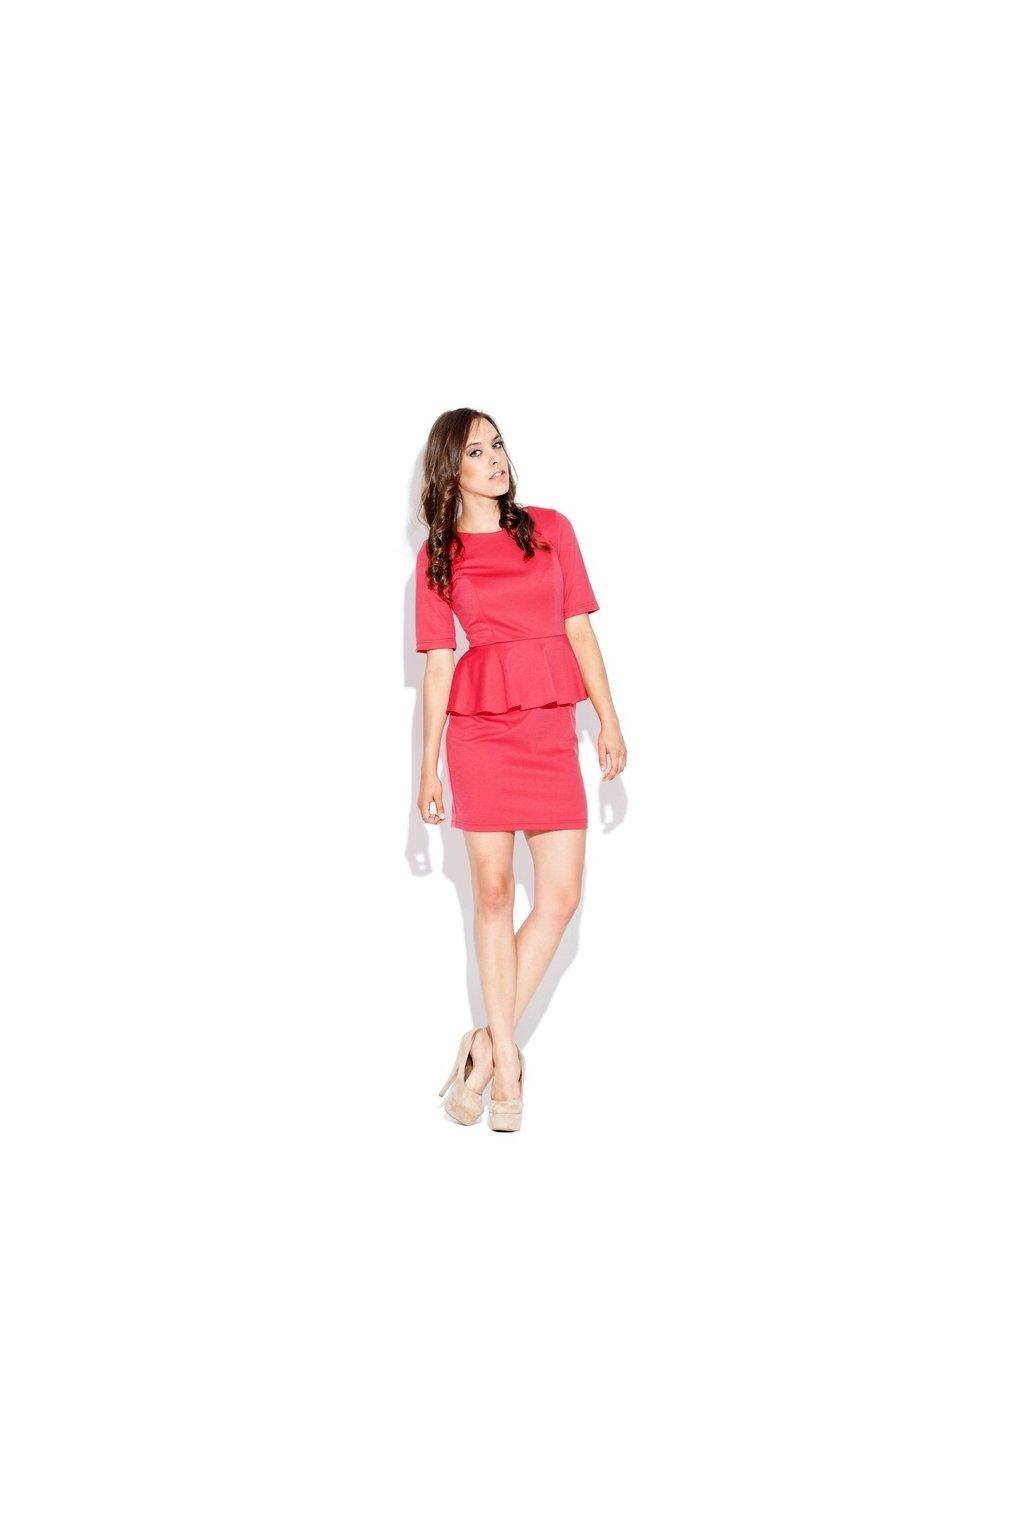 Dámské šaty model 1862716 coral